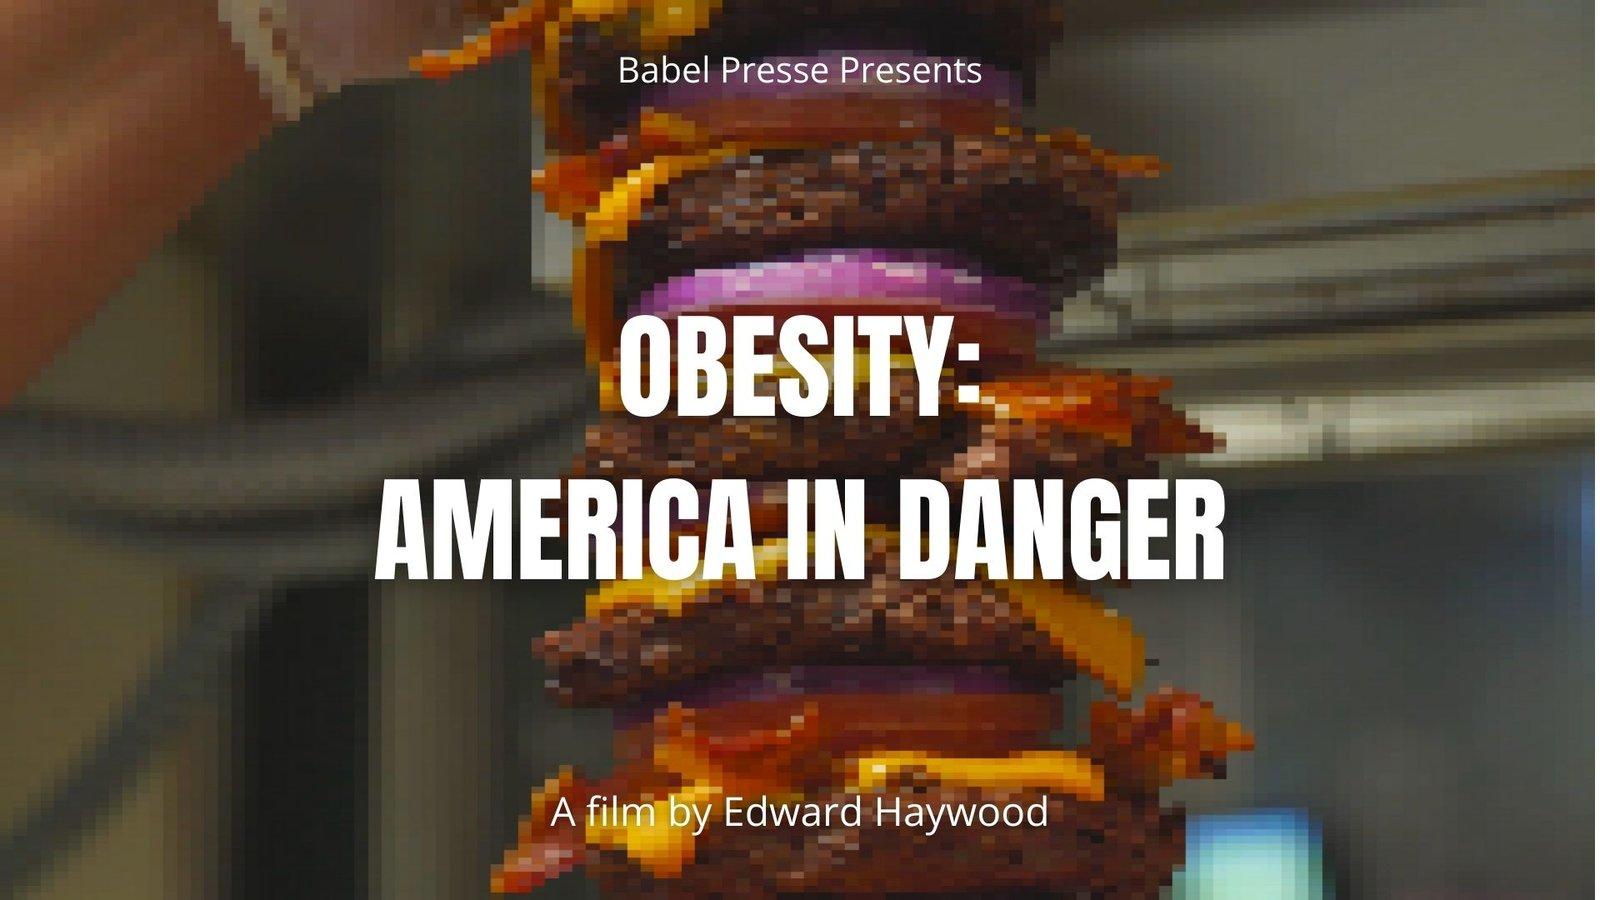 Obesity: America In Danger